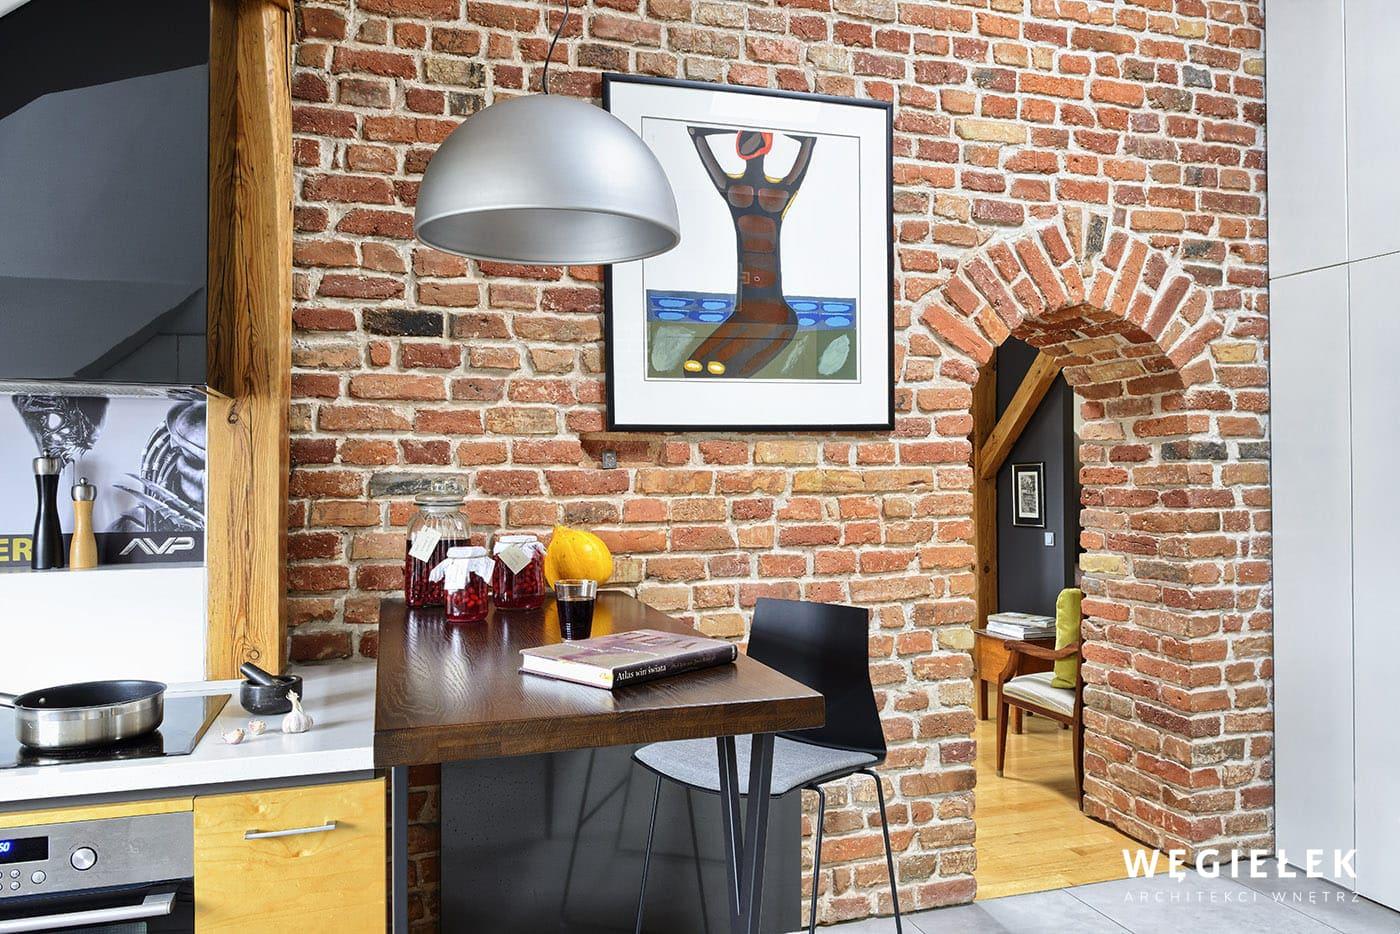 Stary fragment ściany z cegły jest uroczy ze względu na otwór drzwiowy o oryginalnym kształcie. Wykorzystał go projektant poddasza i pokazał w całej krasie.